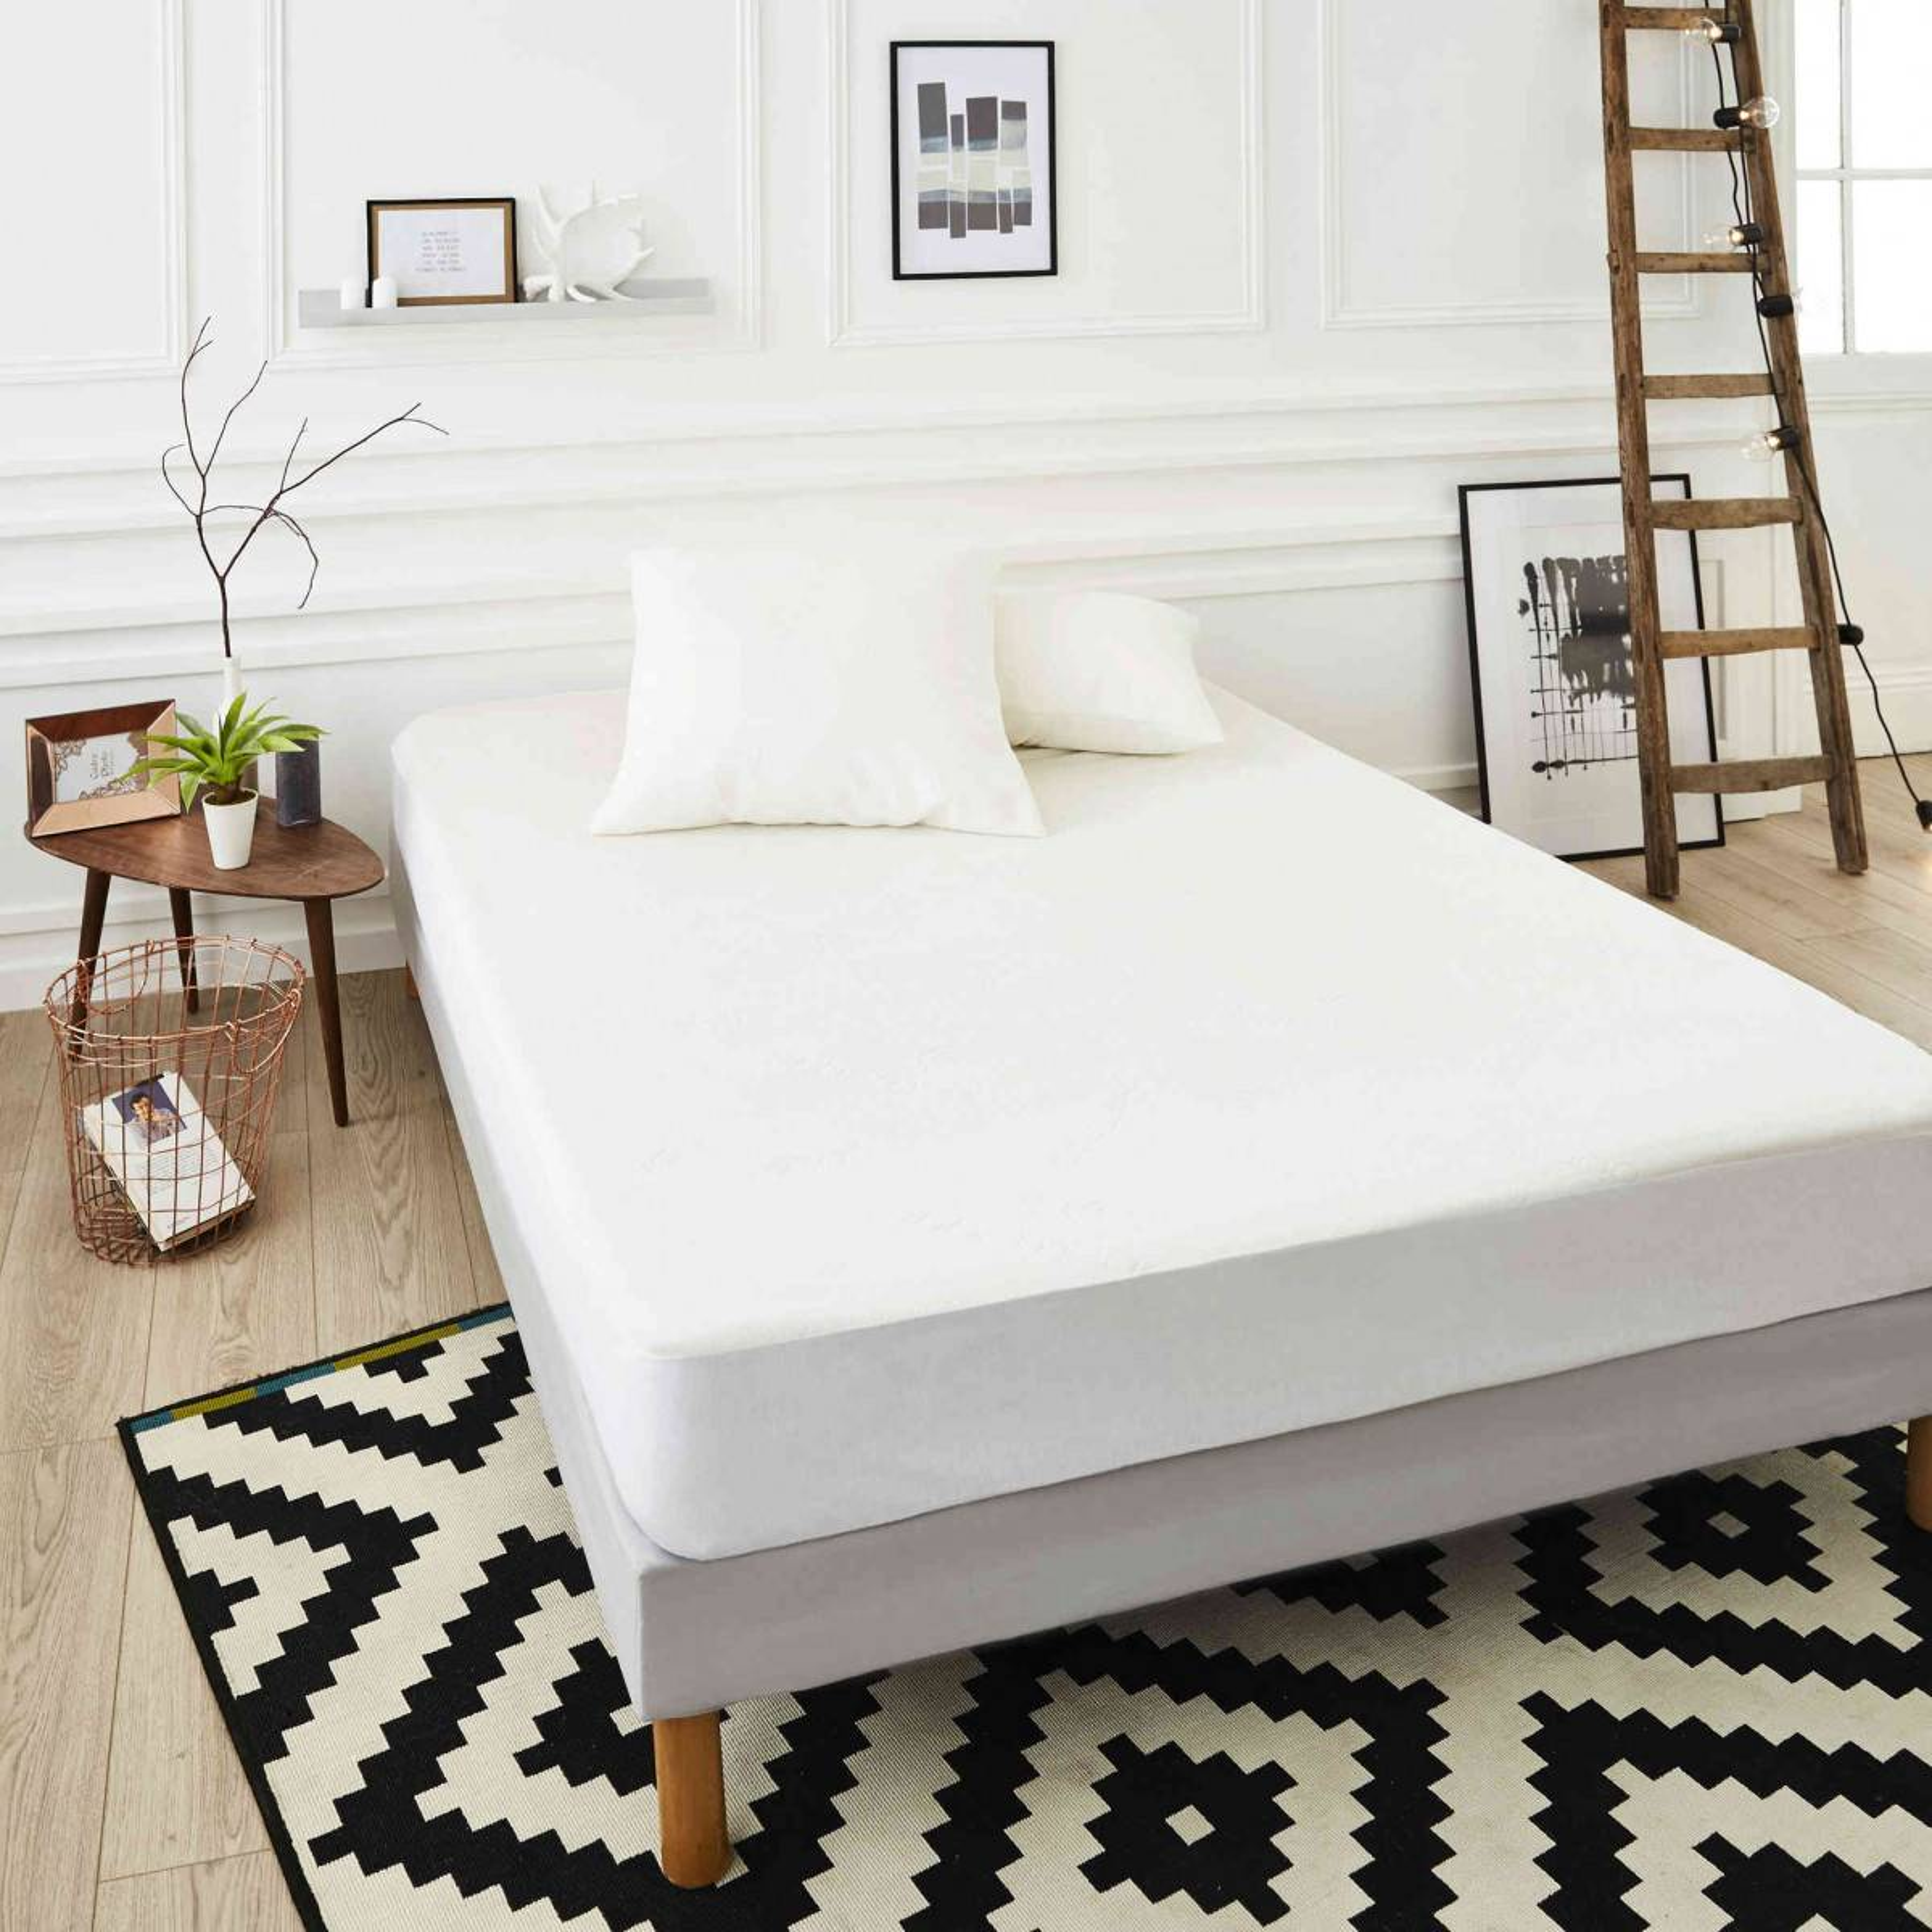 SweetNight Protège matelas Bamboo soyeux confortable doux et absorbant qualité hôtellerie de luxe 90x200